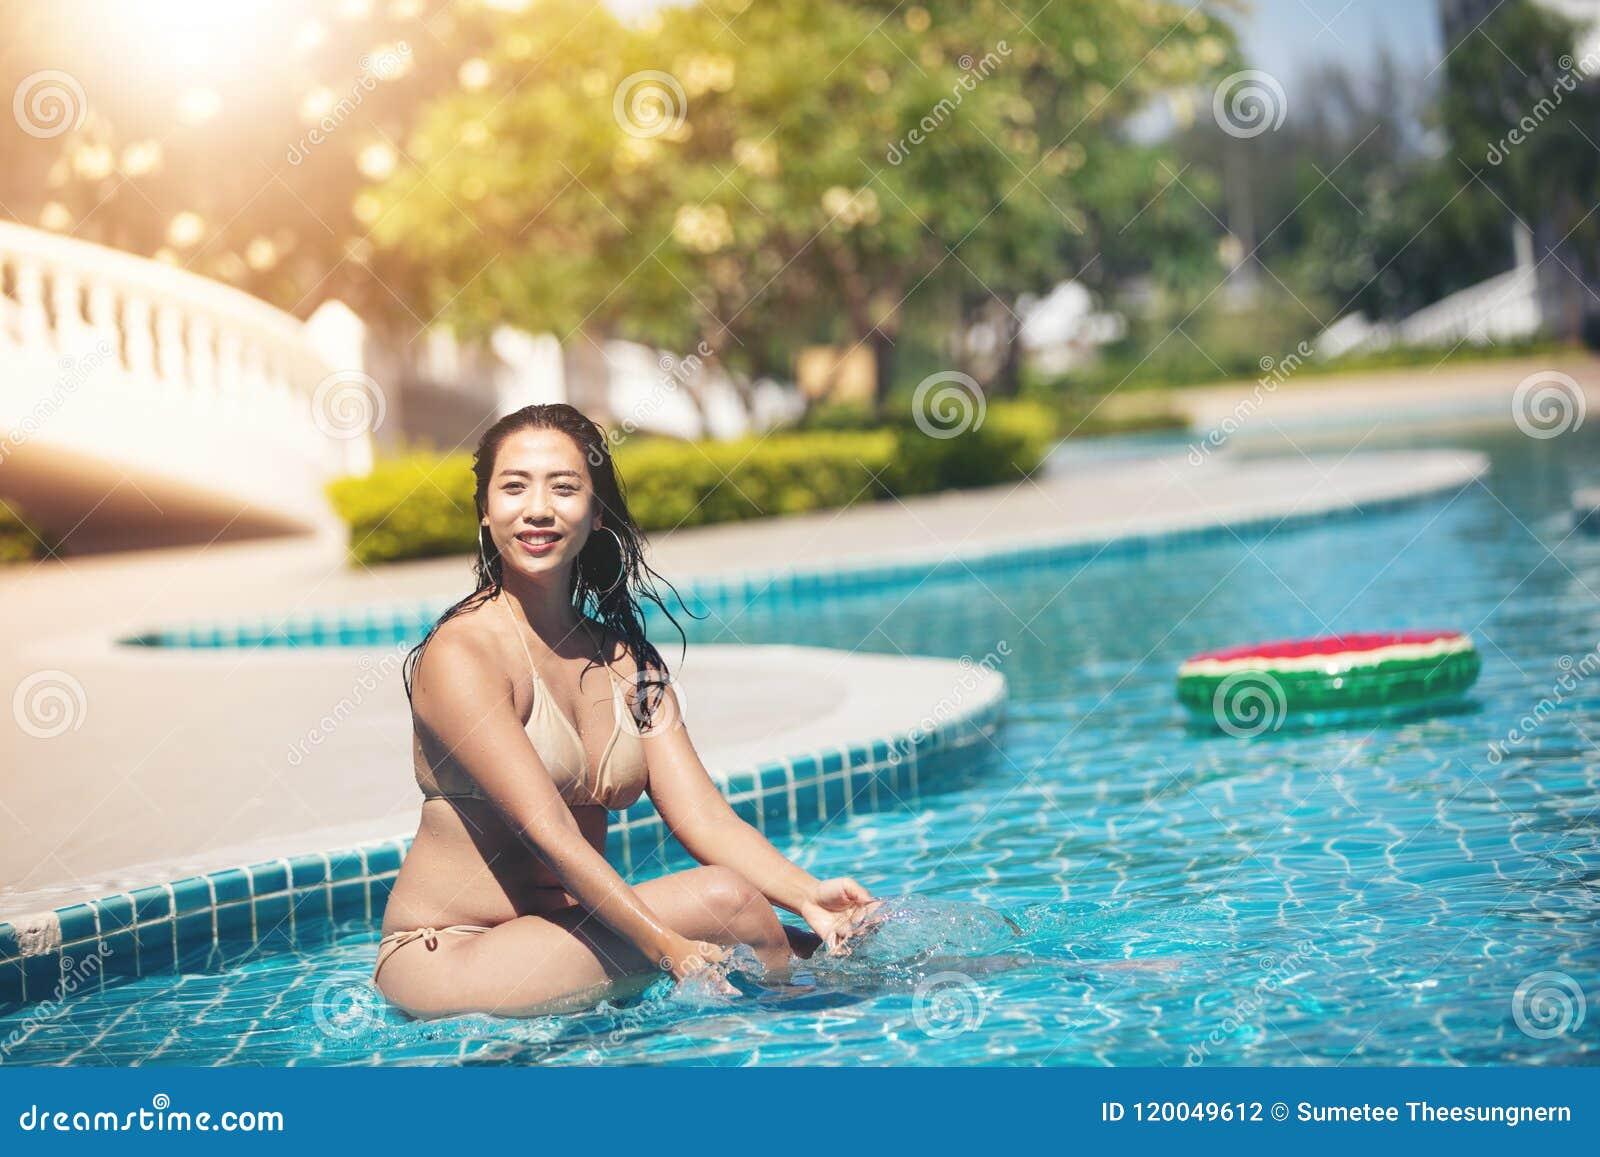 a76ab706e17d Bikinis De La Ropa De Mujer Para Nadar En La Piscina De La ...